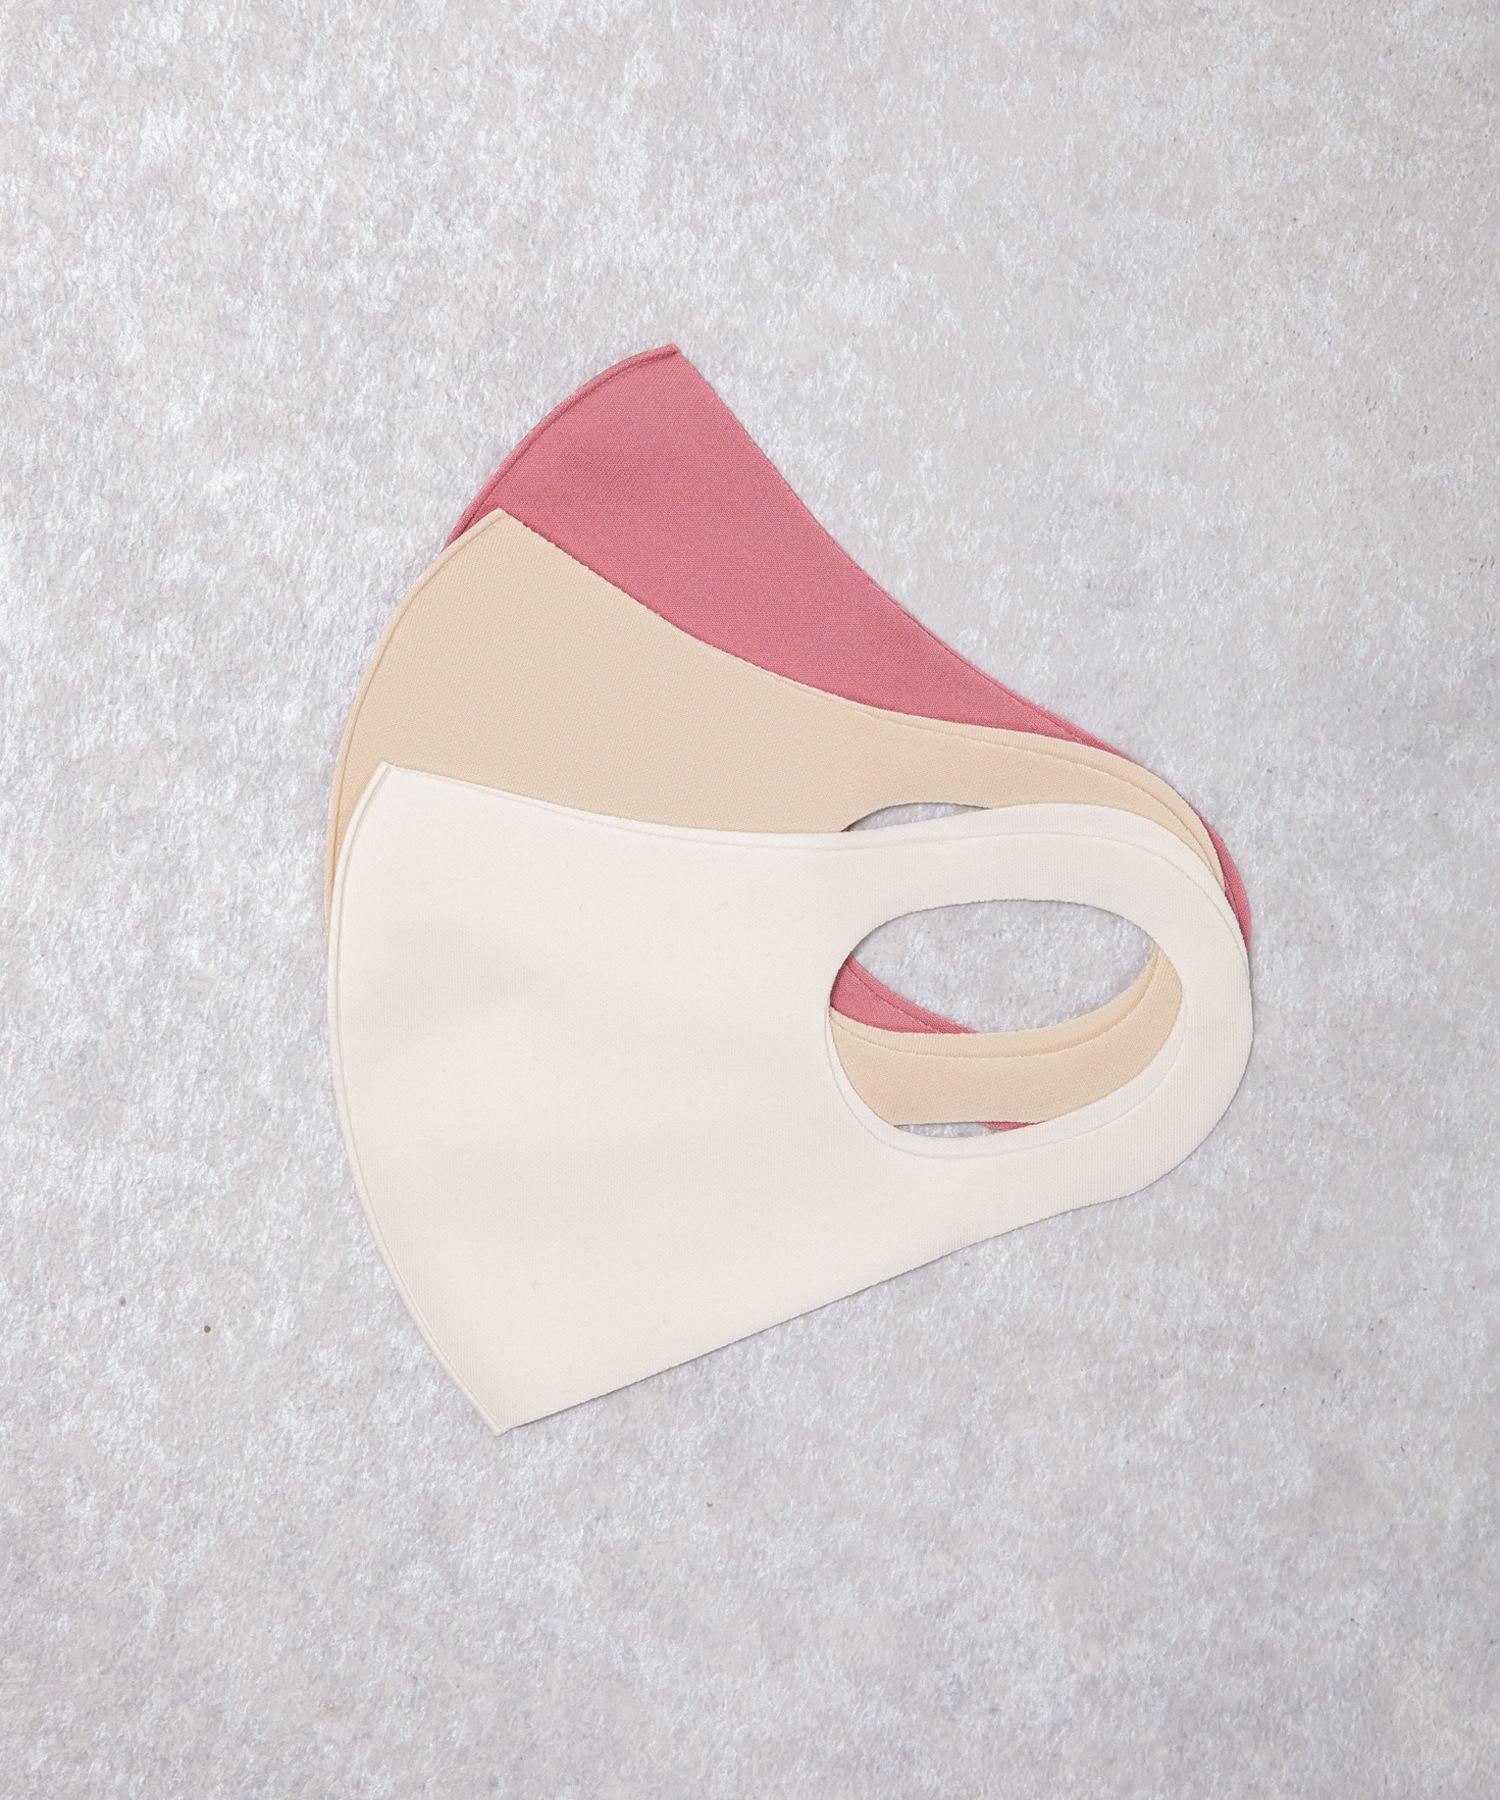 【返品不可】Paletteマスク